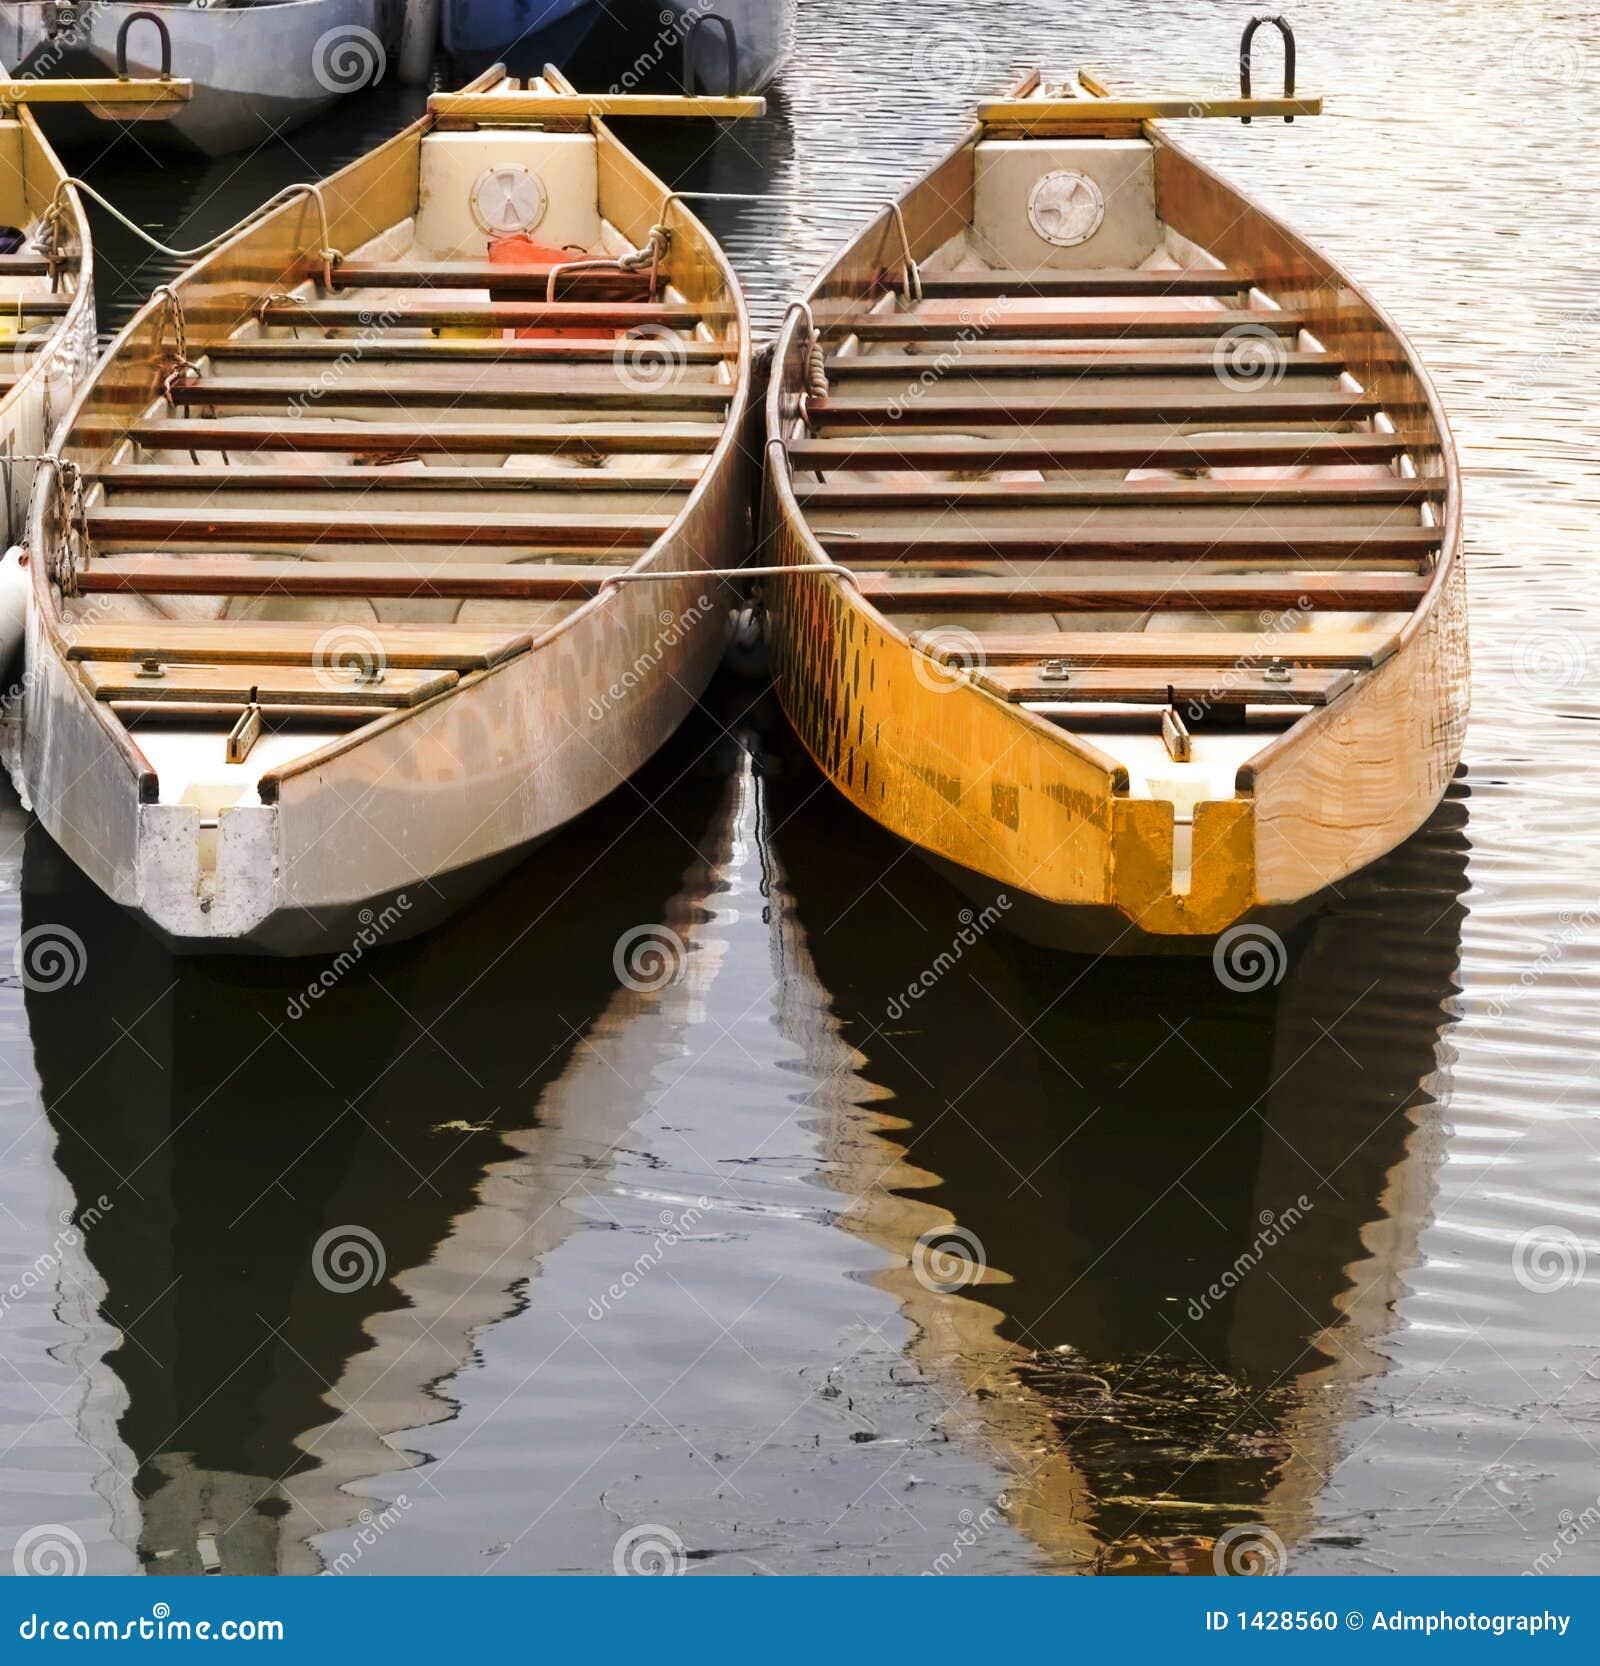 Barche Di Legno Fotografia Stock - Immagine: 1428560